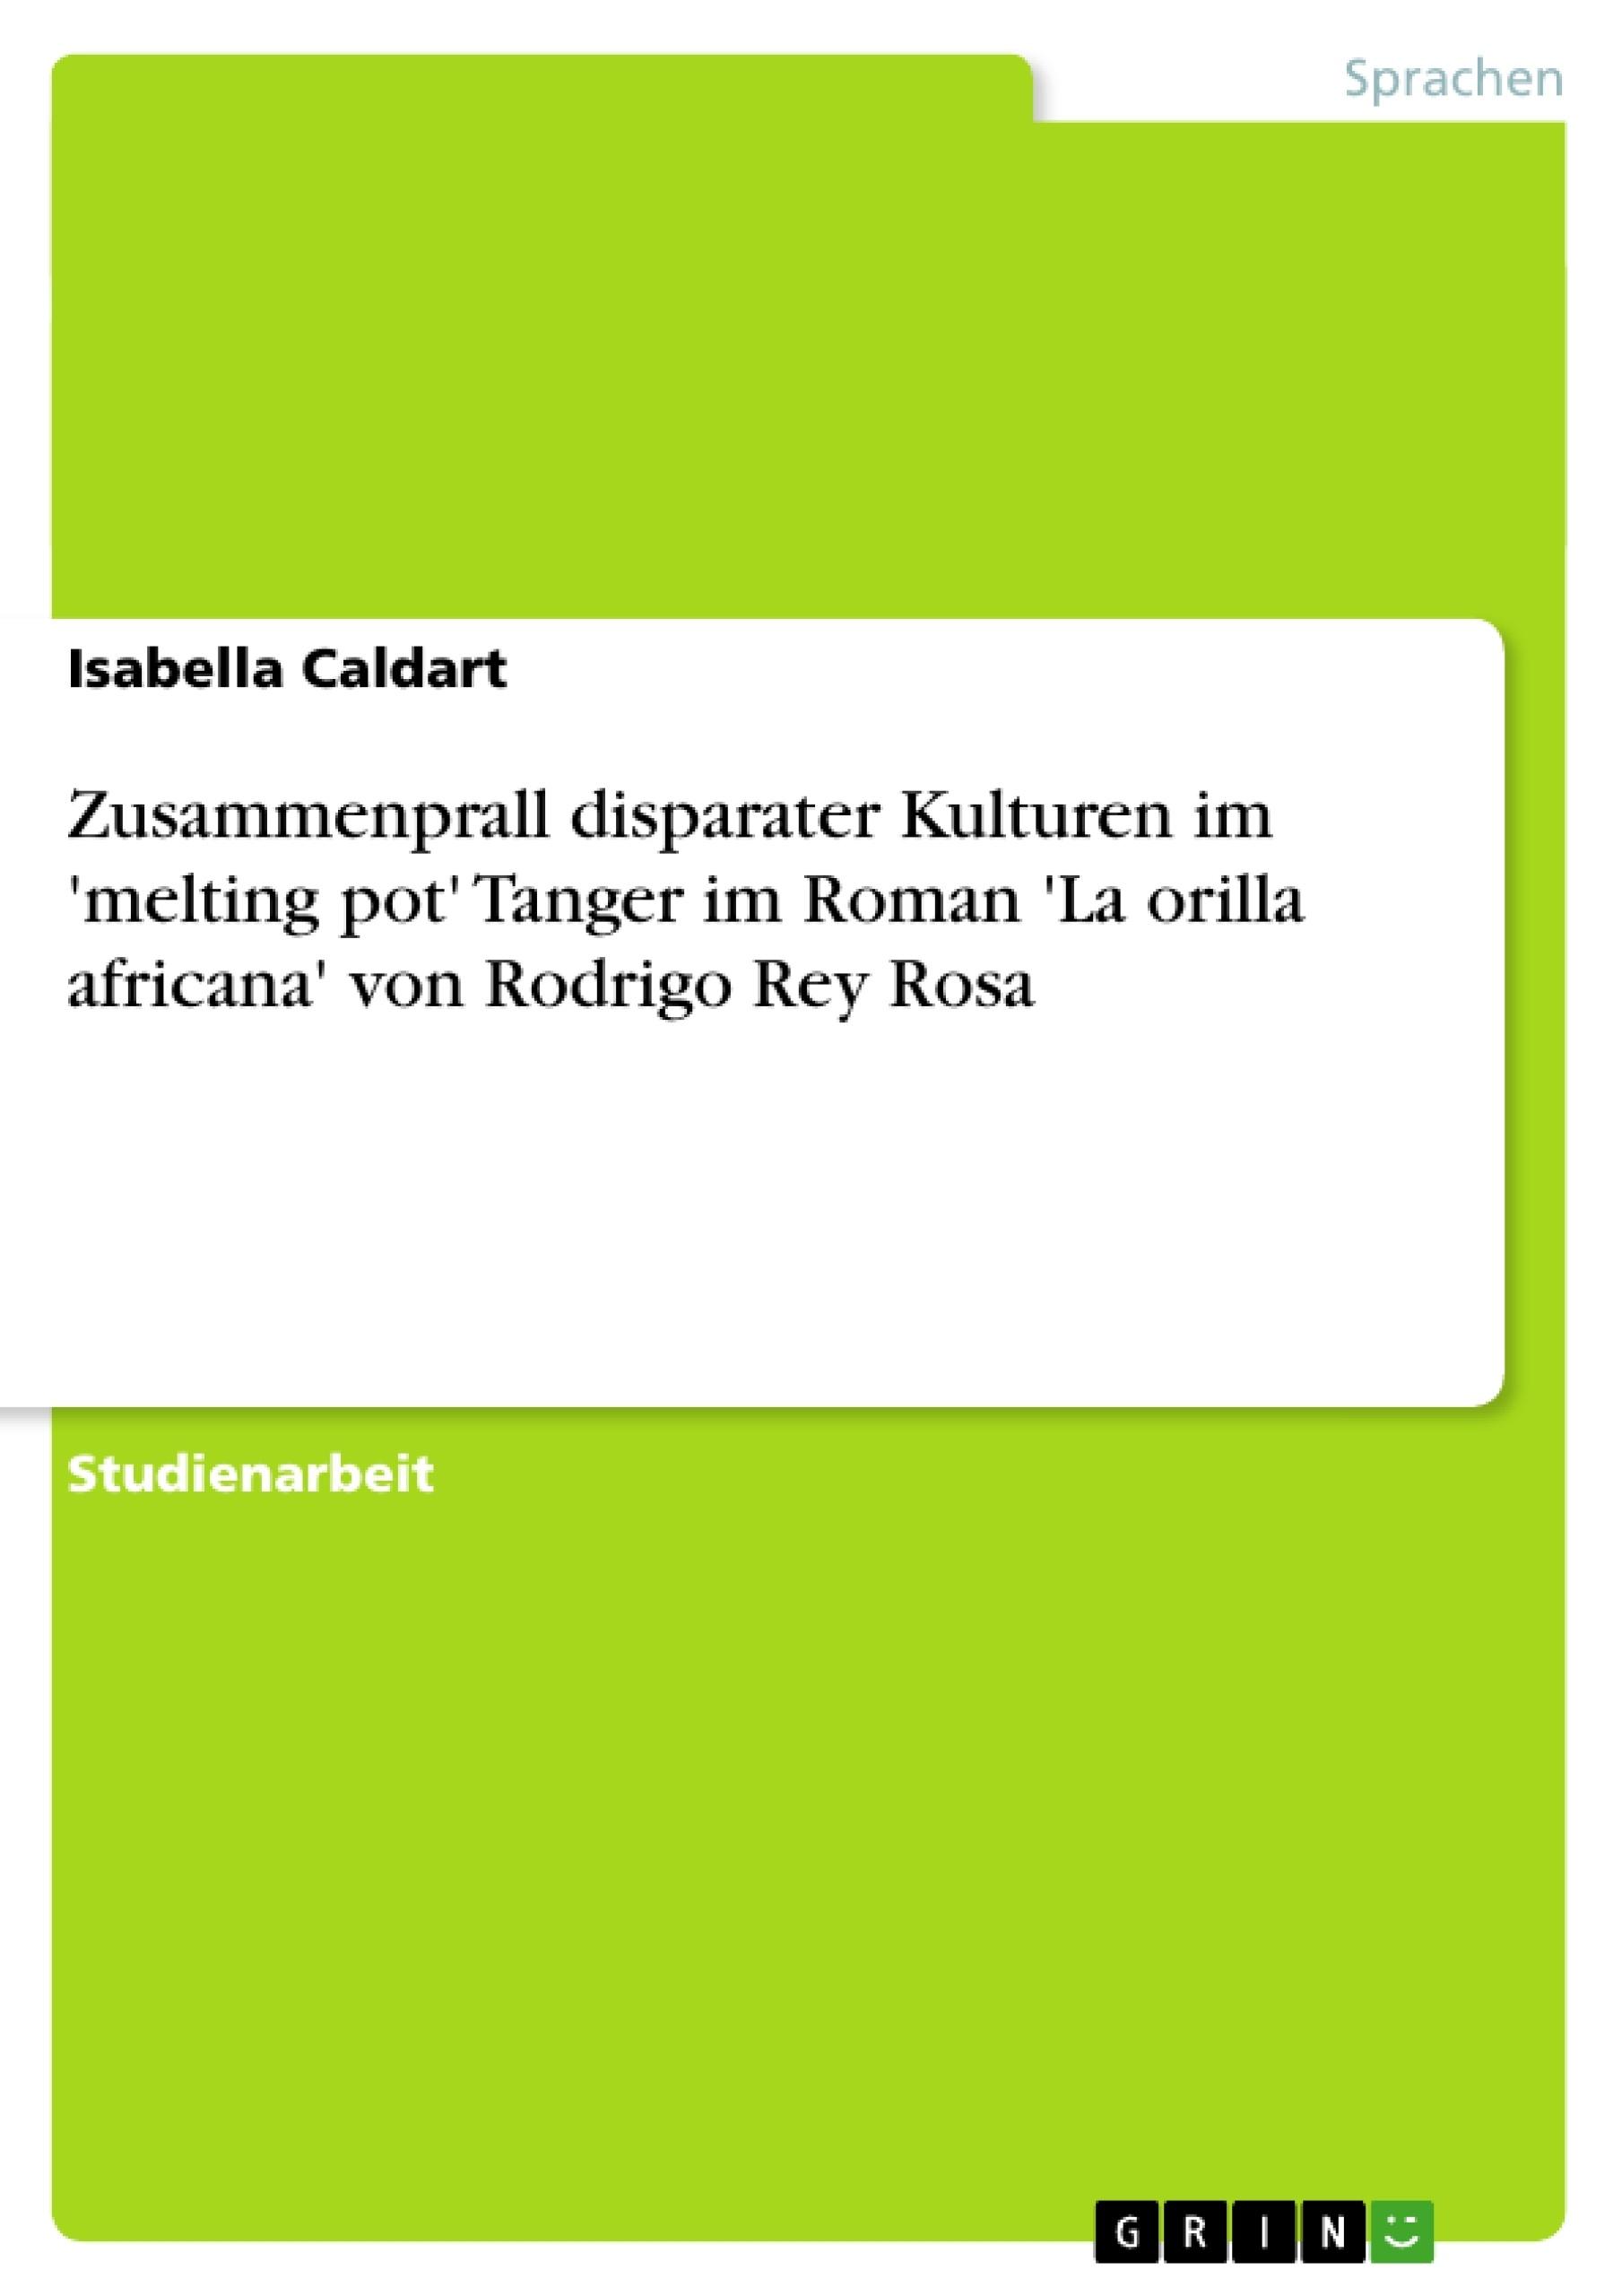 Titel: Zusammenprall disparater Kulturen im 'melting pot' Tanger im Roman 'La orilla africana' von Rodrigo Rey Rosa